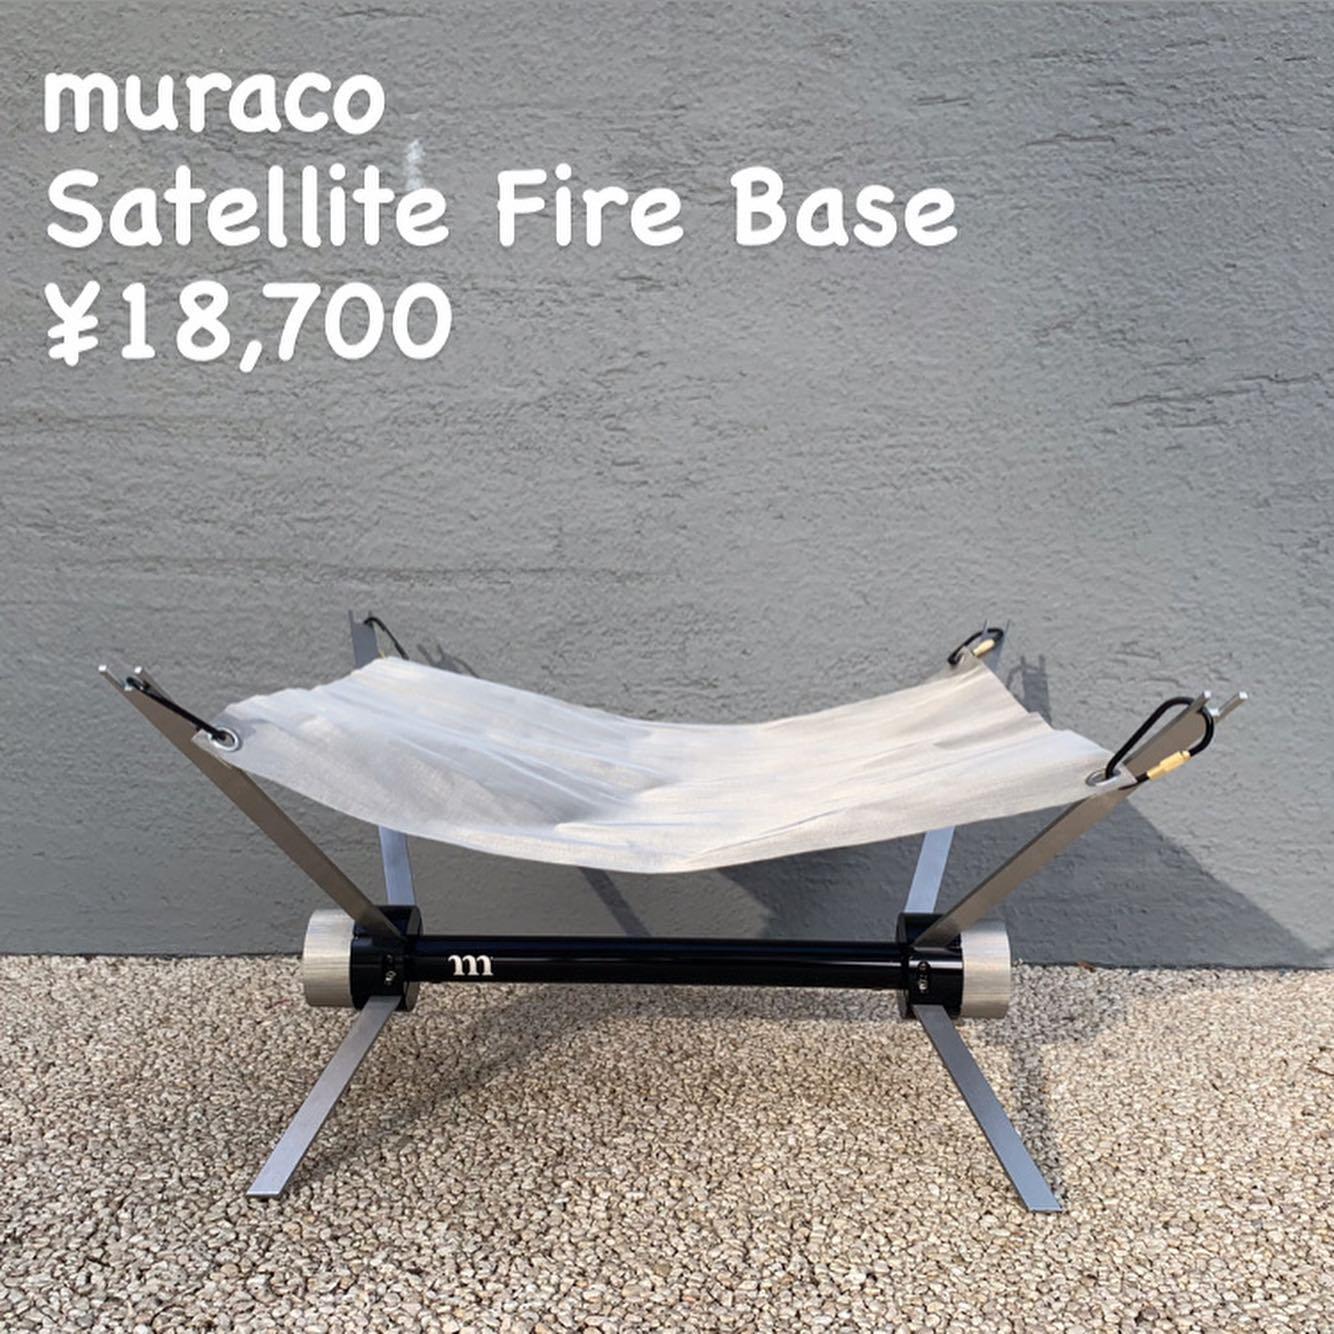 携帯性と安定性を兼ね備えた焚き火台『muraco サテライトファイヤーベース』のご紹介